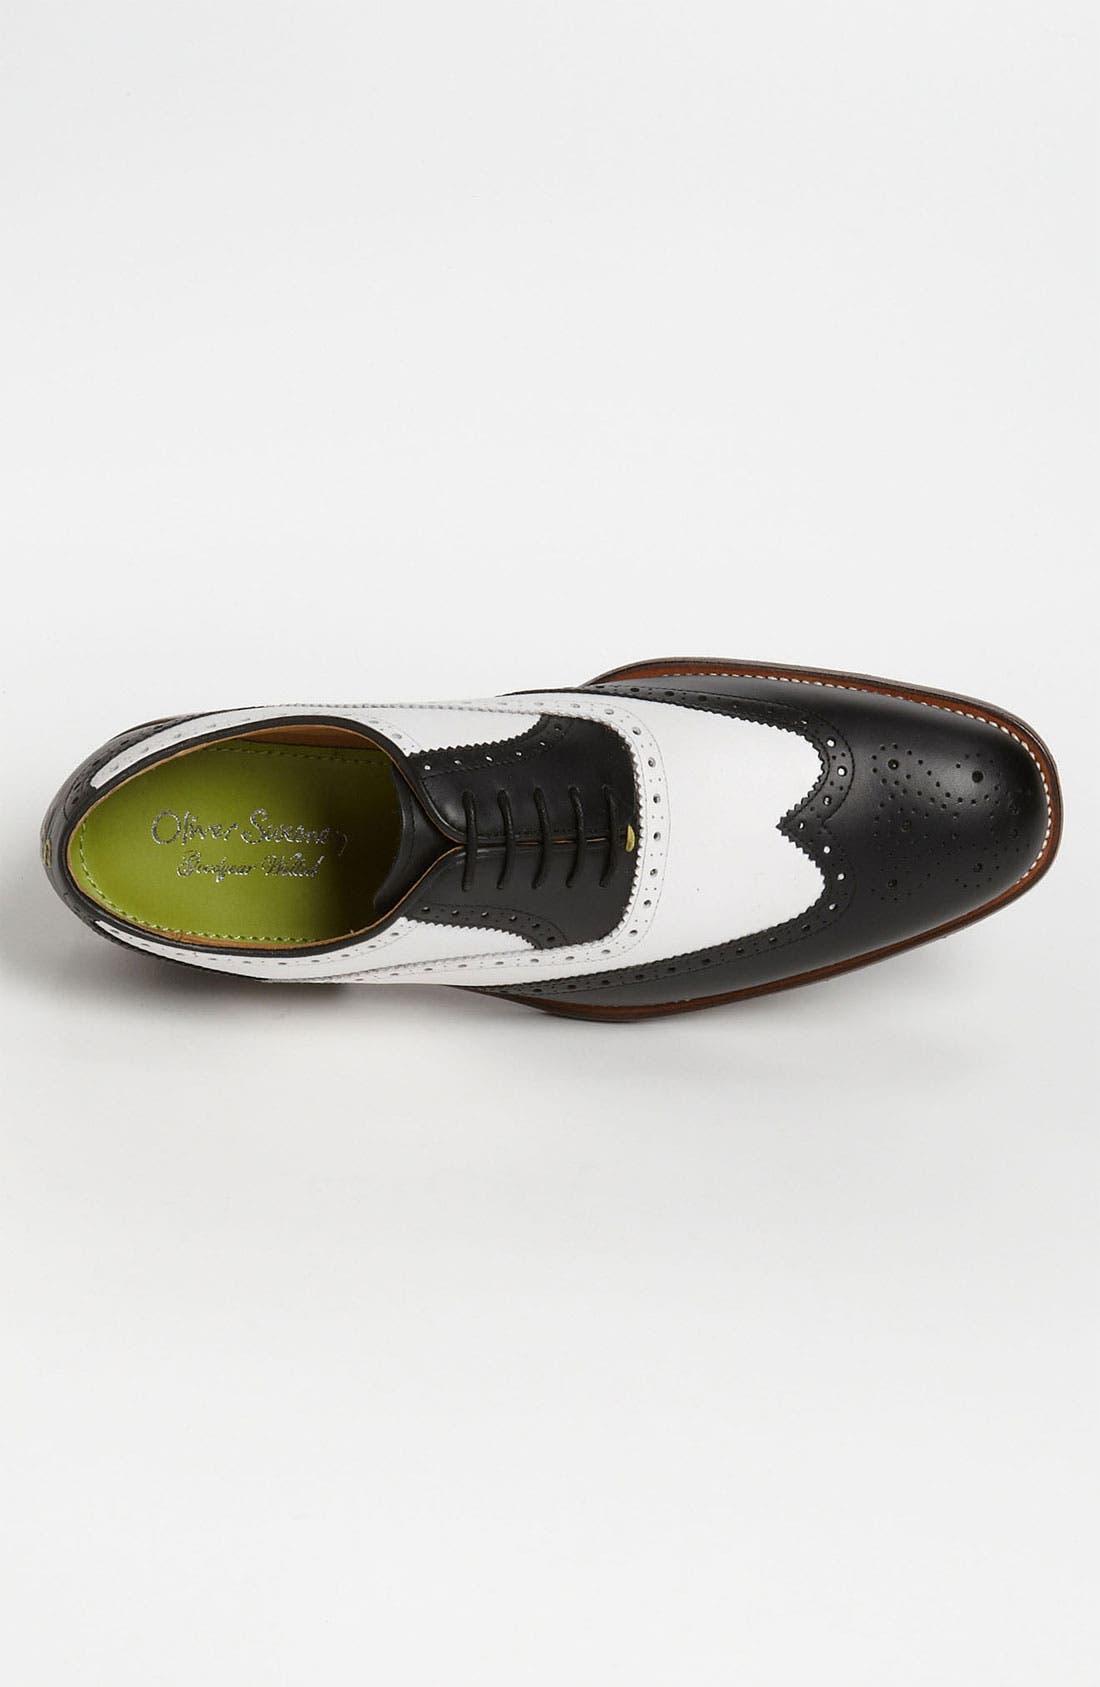 Alternate Image 3  - Oliver Sweeney 'Royale' Wingtip Golf Shoe (Men)